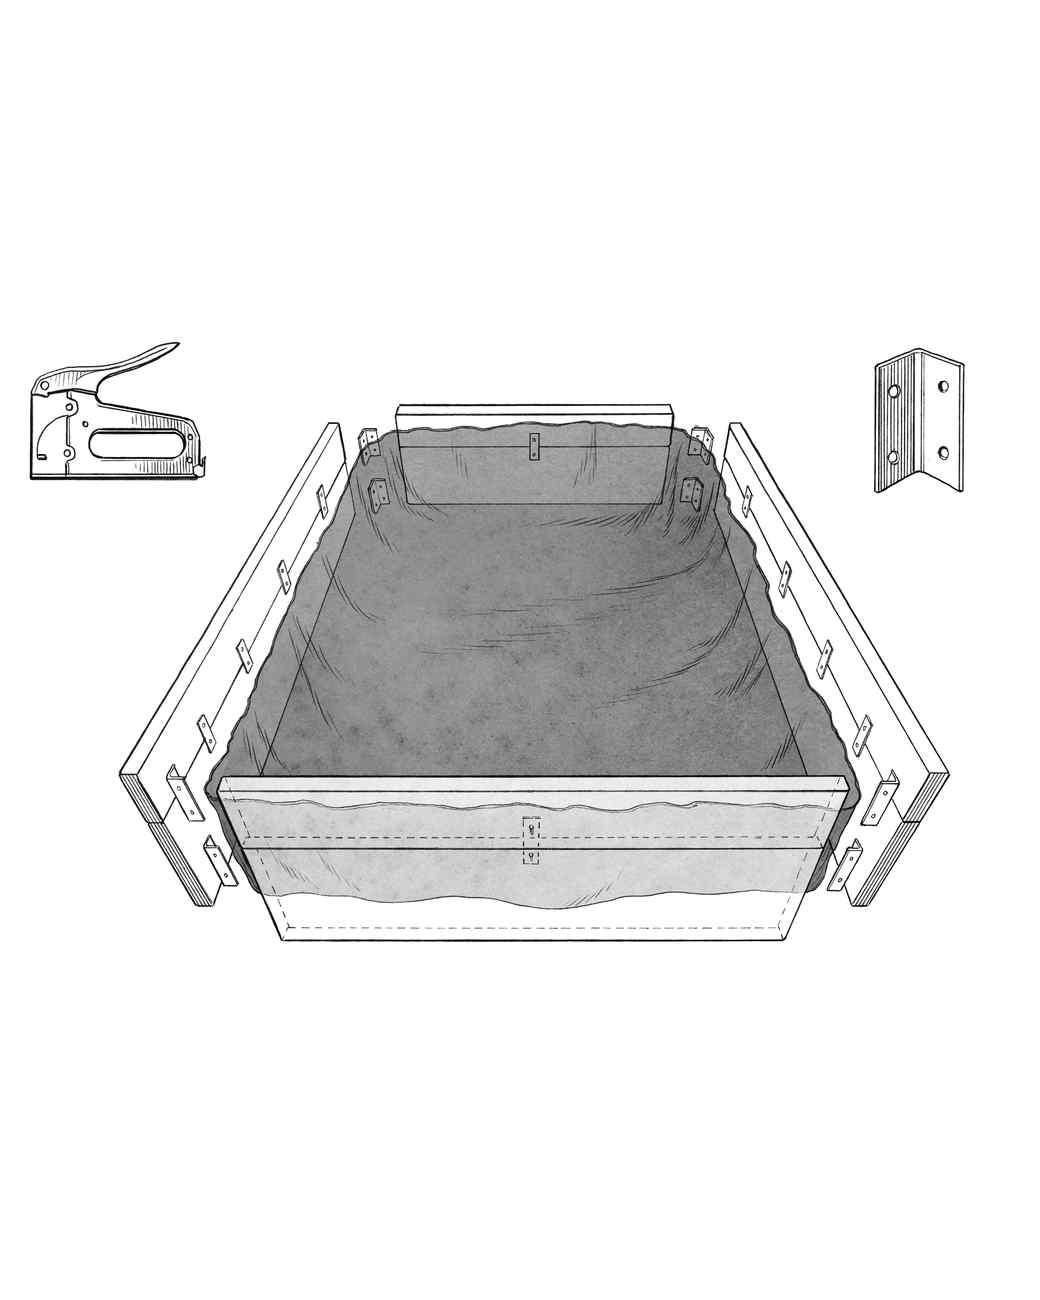 medium resolution of how to build a raised garden bed martha stewart pallet raised garden bed diagram of raised garden bed